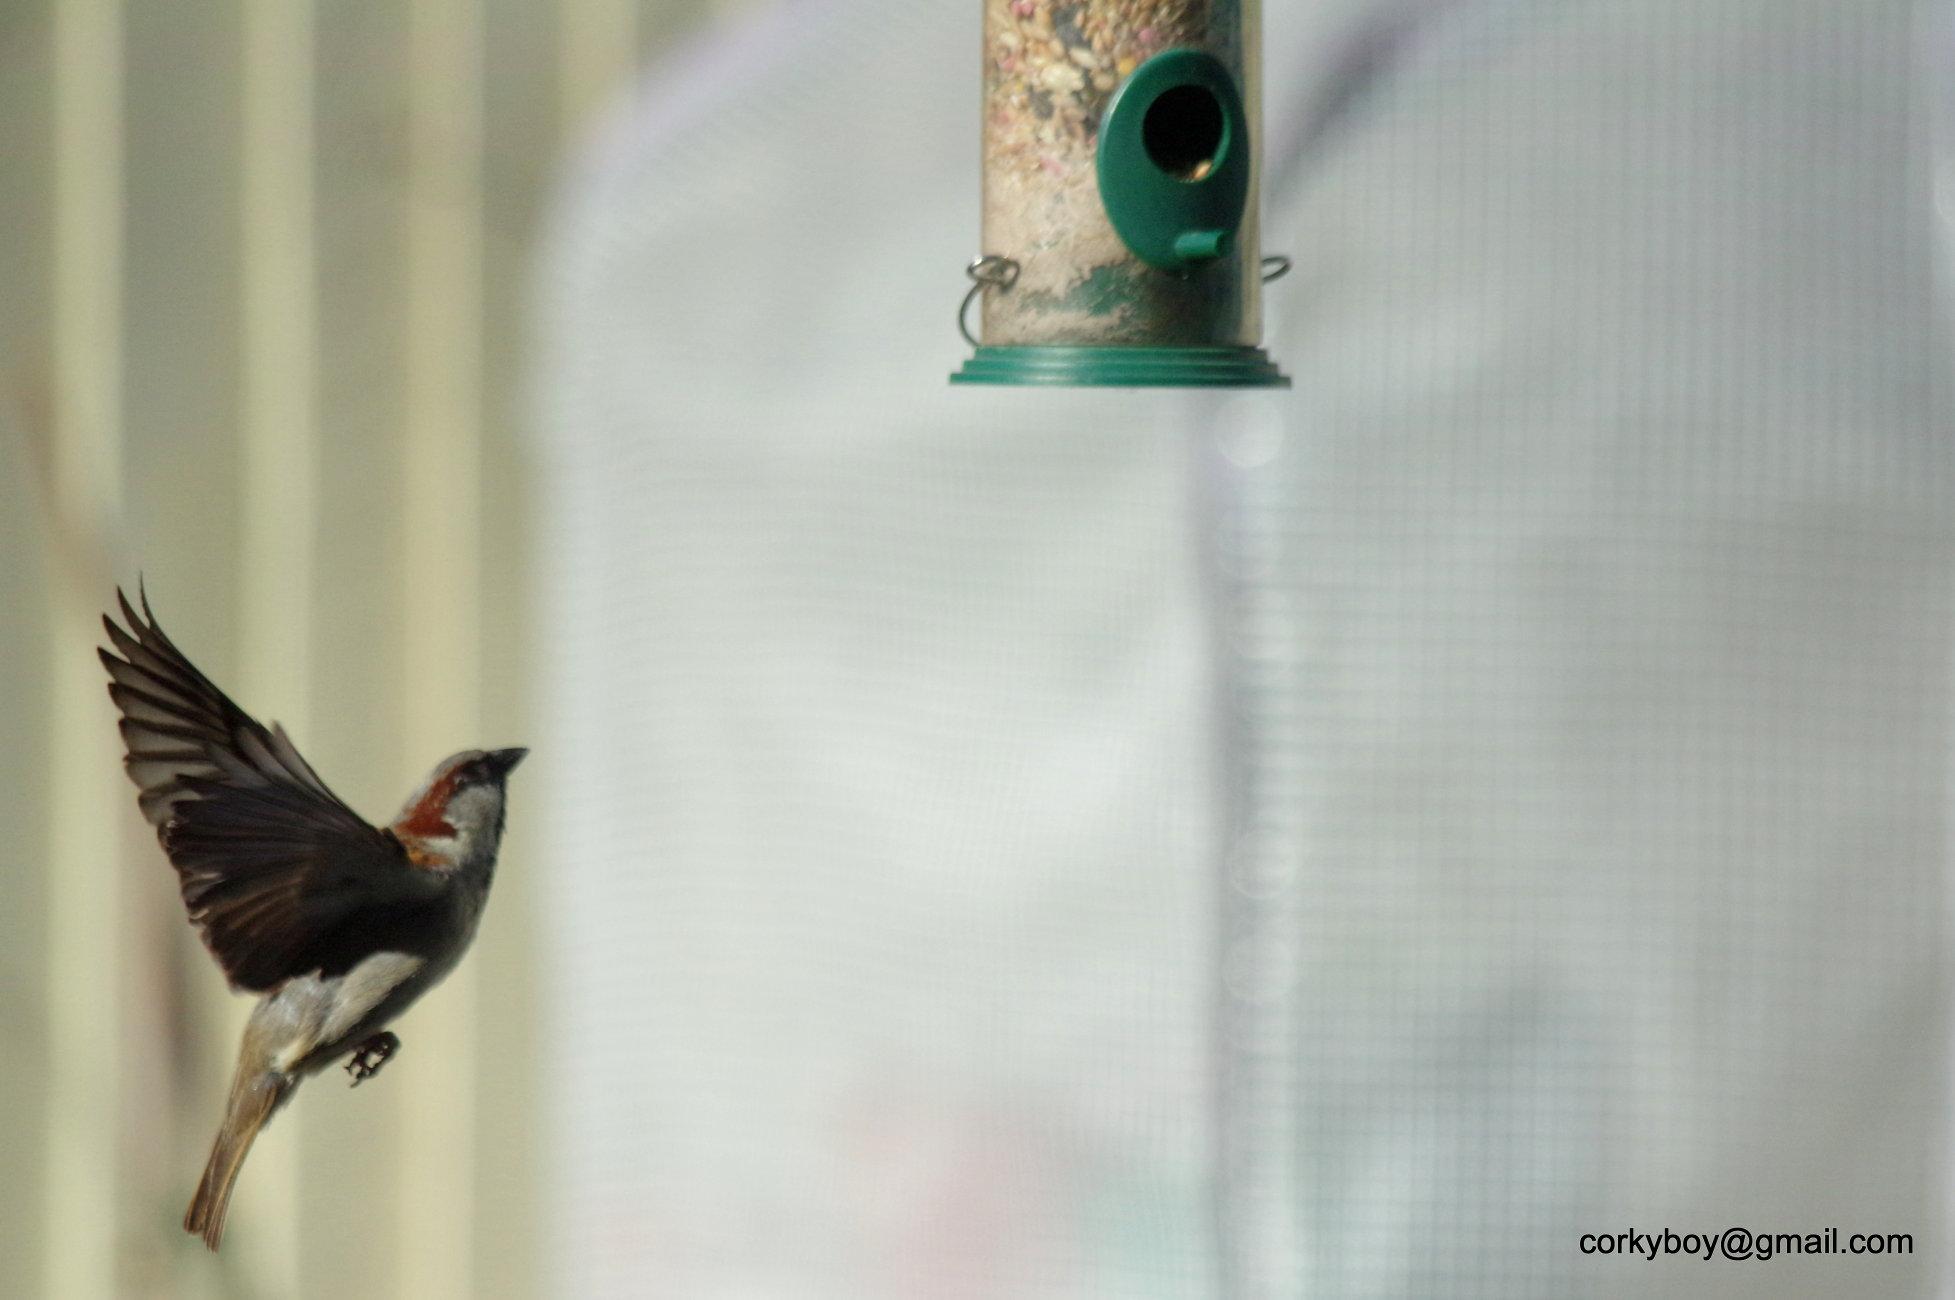 Sparrow ascending